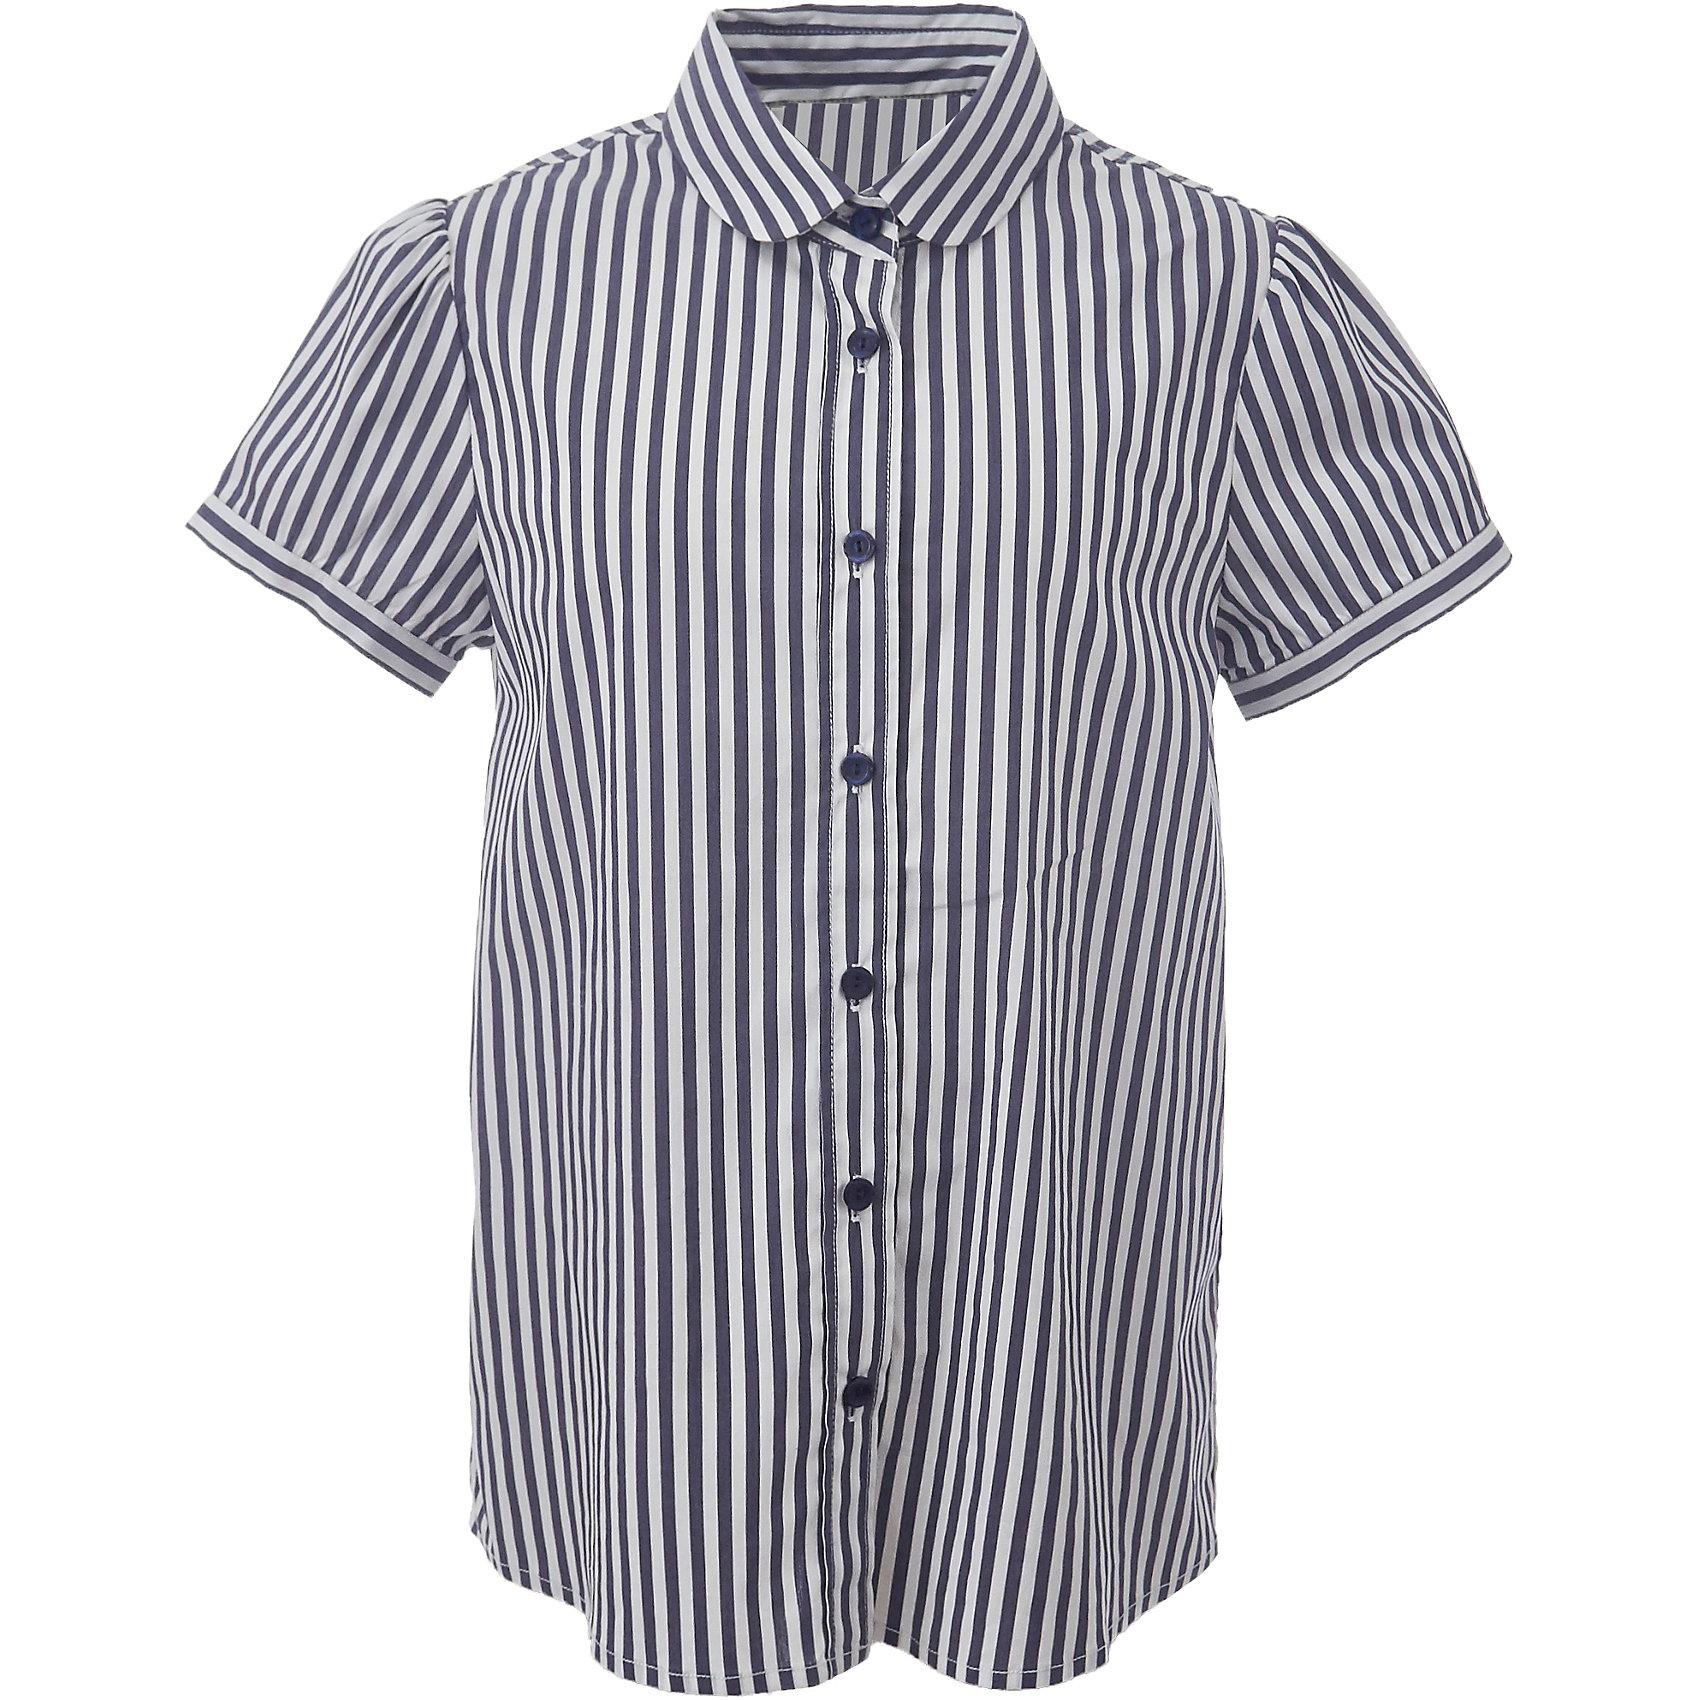 Блузка для девочки GulliverБлузки и рубашки<br>Если вы хотите купить школьную блузку для девочки, не ограничивайте свой выбор исключительно белыми блузками. Красивые блузки для школы могут быть разными! Блузка в полоску с коротким рукавом - отличный вариант на каждый день! Строгая, элегантная, комфортная, практичная, полосатая блузка сделает образ свежим и интересным.<br>Состав:<br>75% хлопок 23% полиэстер 2% эластан<br><br>Ширина мм: 186<br>Глубина мм: 87<br>Высота мм: 198<br>Вес г: 197<br>Цвет: белый<br>Возраст от месяцев: 72<br>Возраст до месяцев: 84<br>Пол: Женский<br>Возраст: Детский<br>Размер: 122,152,170,164,158,146,140,134,128<br>SKU: 6678758